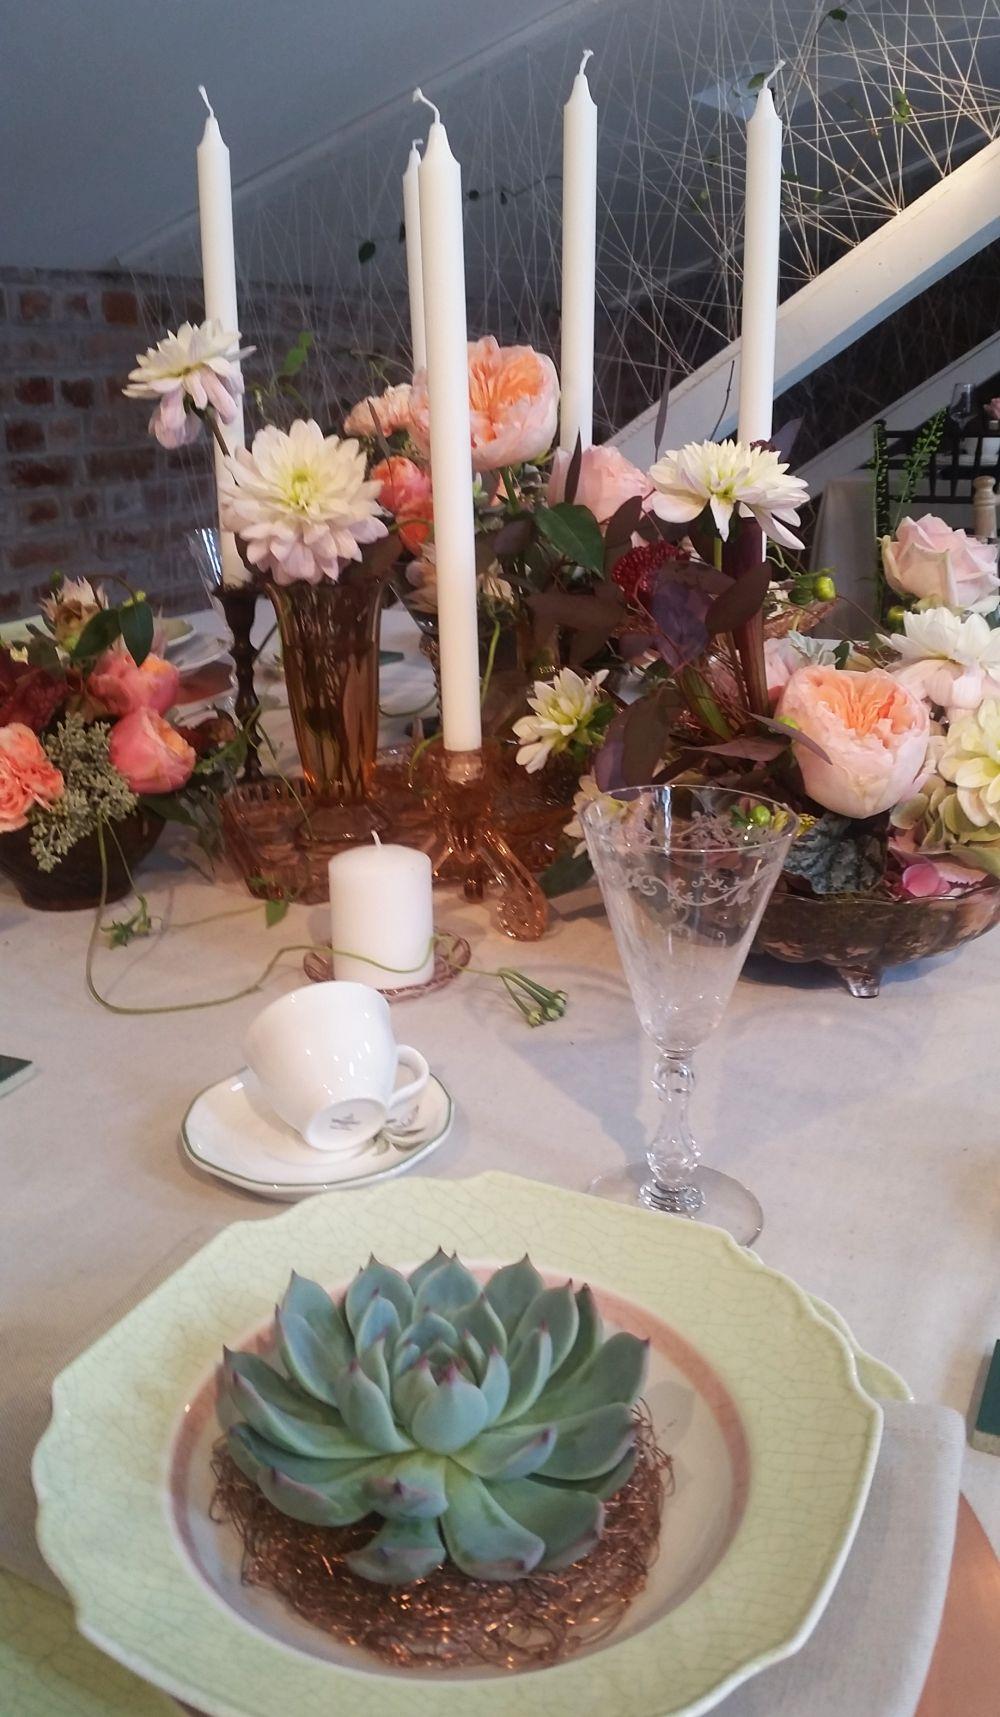 adelaparvu-com-despre-the-wedding-gallery-2016-floraria-iris-design-nicu-bocancea-22